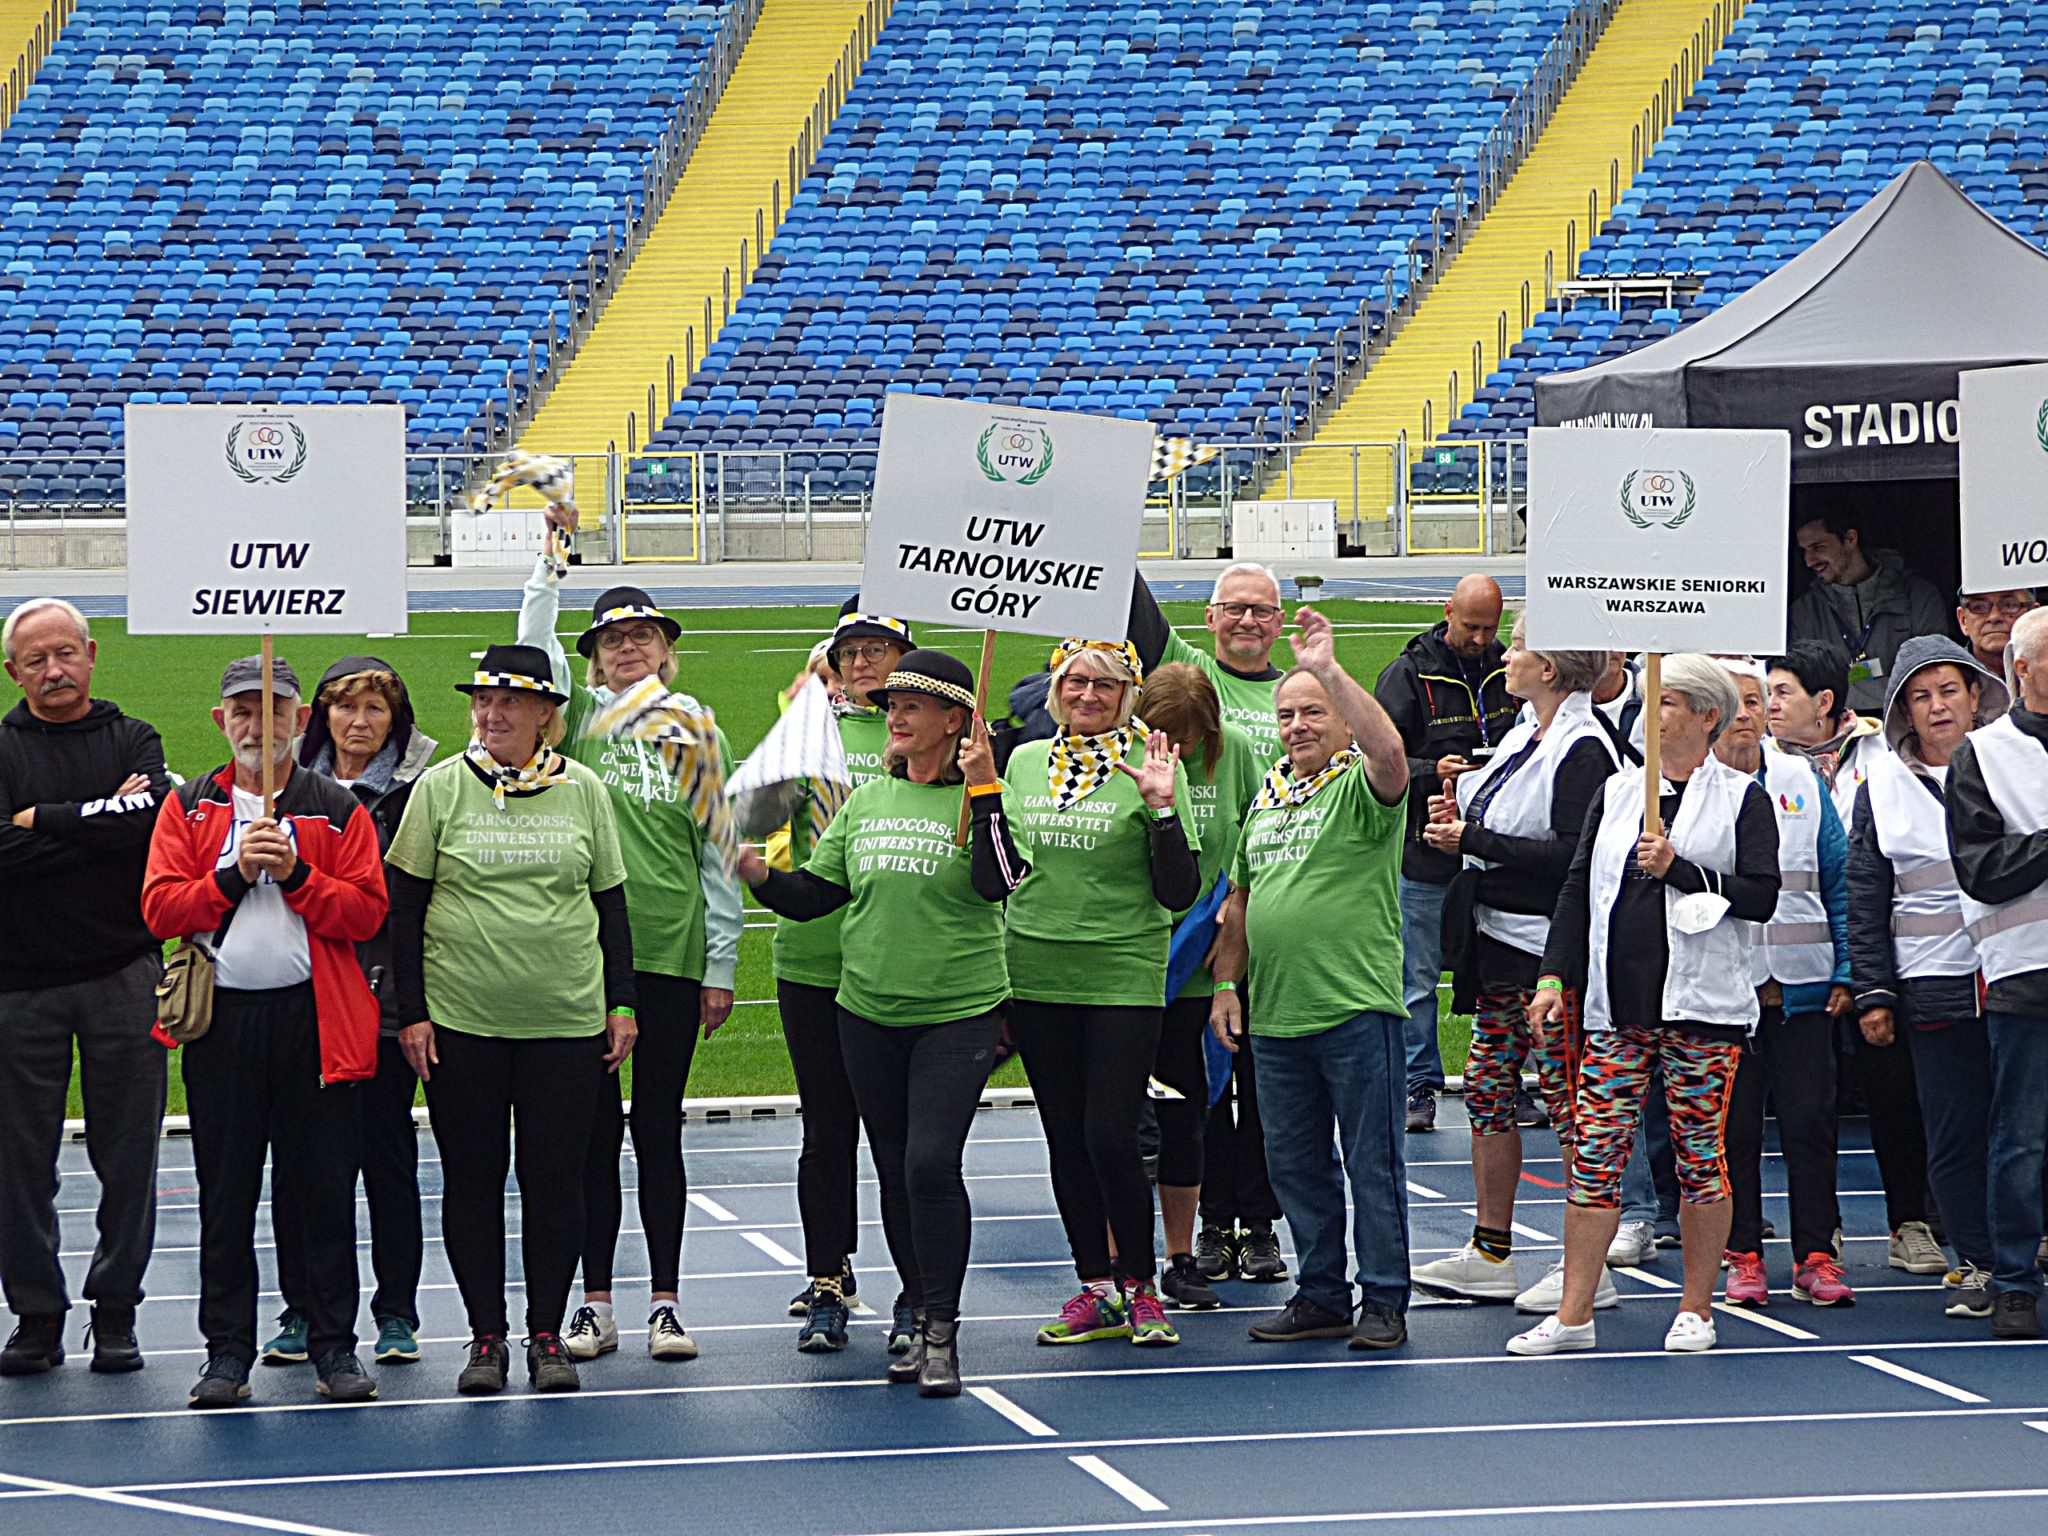 grupa kilku osób ubranych w koszulki koloru zielonego